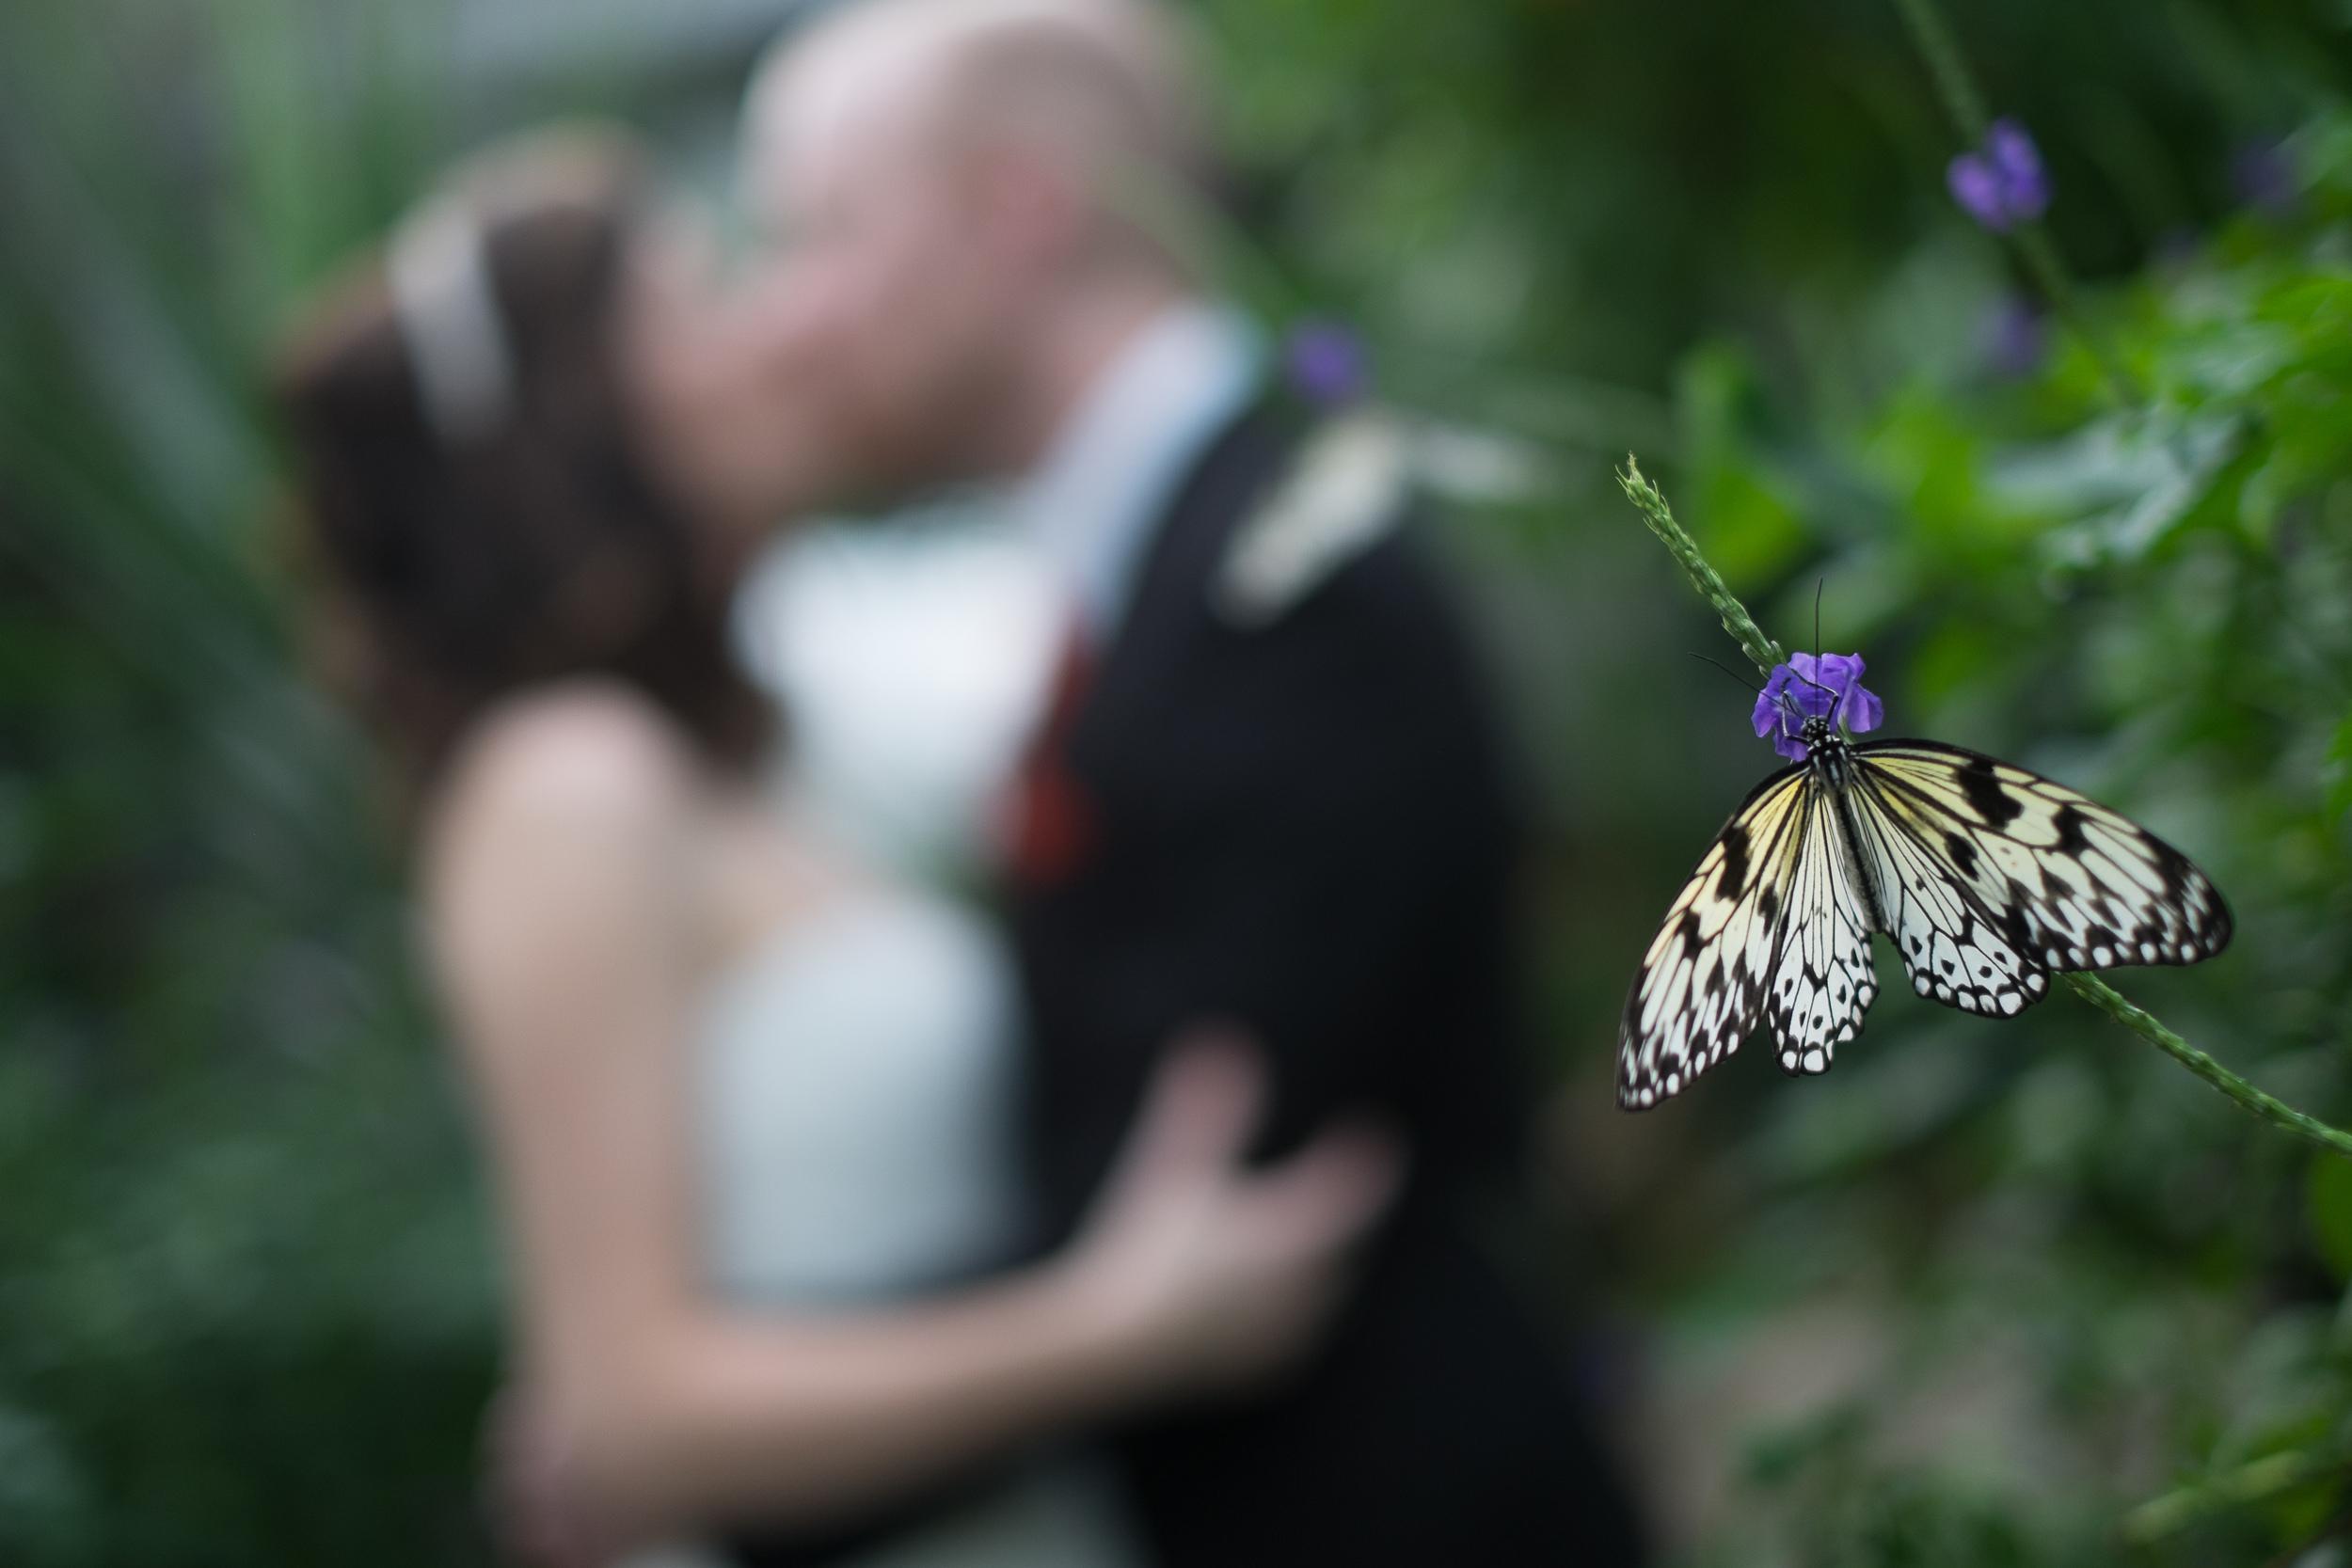 fuji-xpro-1-wedding-007.jpg